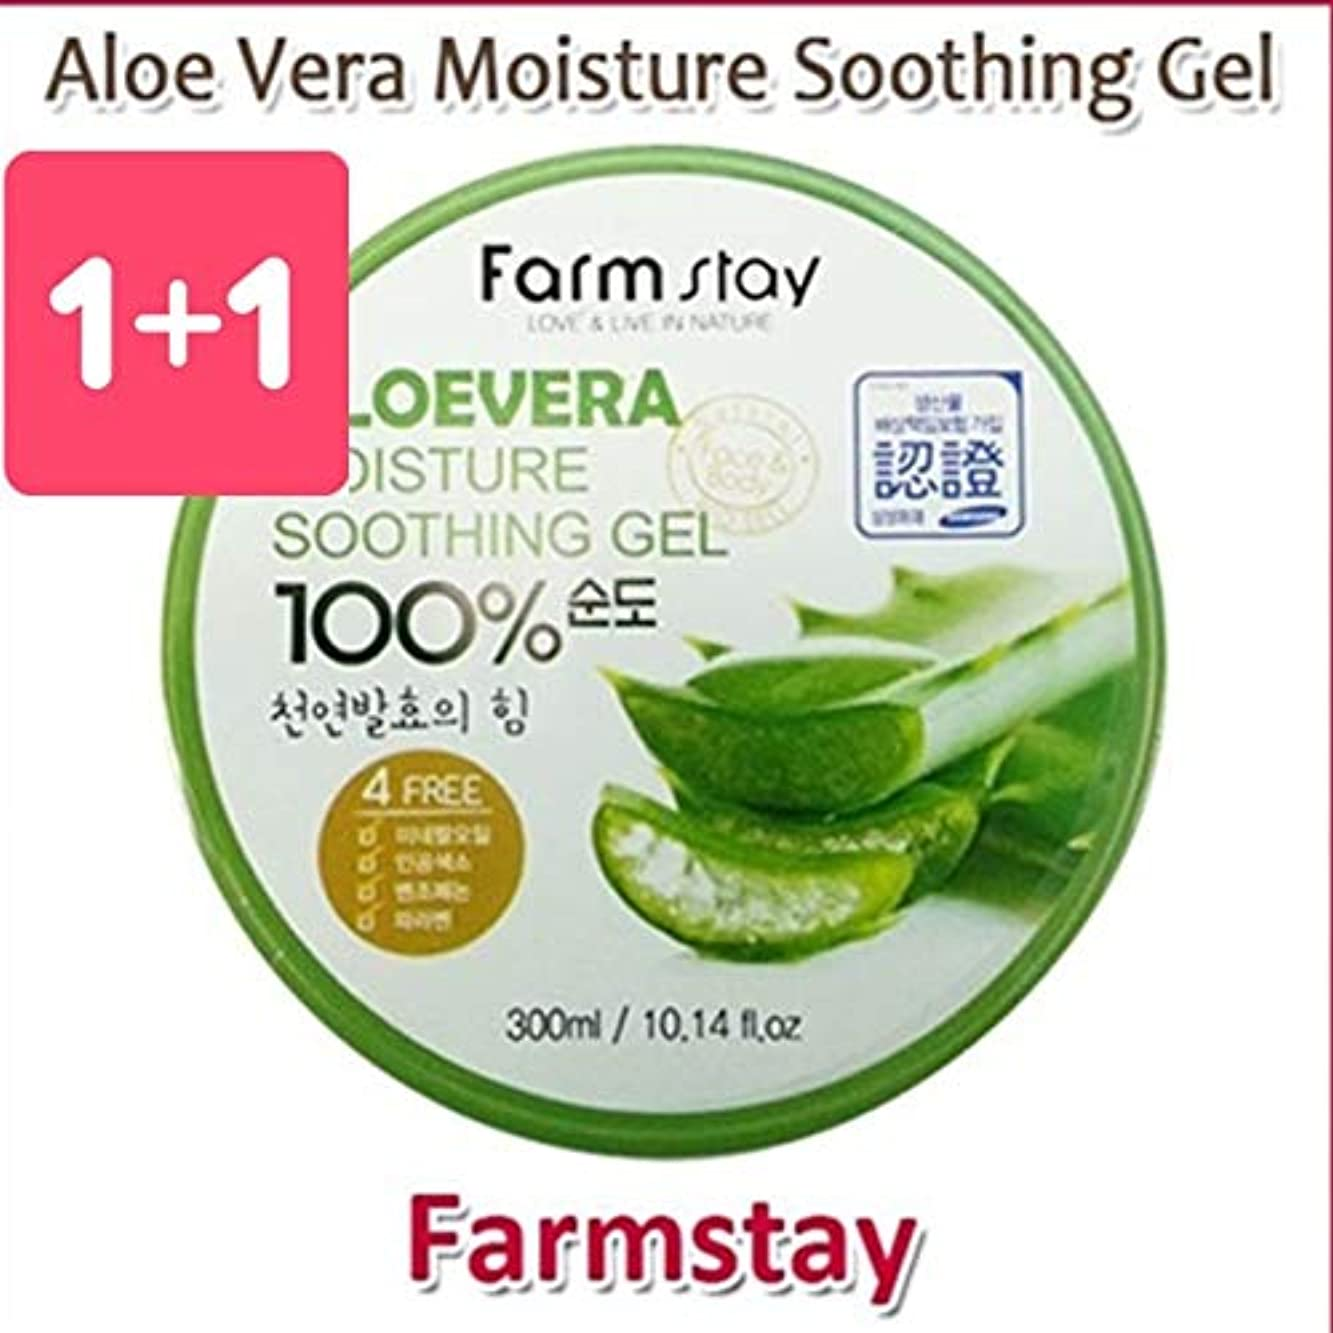 進捗アクセル十億Farm Stay Aloe Vera Moisture Soothing Gel 300ml 1+1 Big Sale/オーガニック アロエベラゲル 100%/保湿ケア/韓国コスメ/Aloe Vera 100% /Moisturizing...